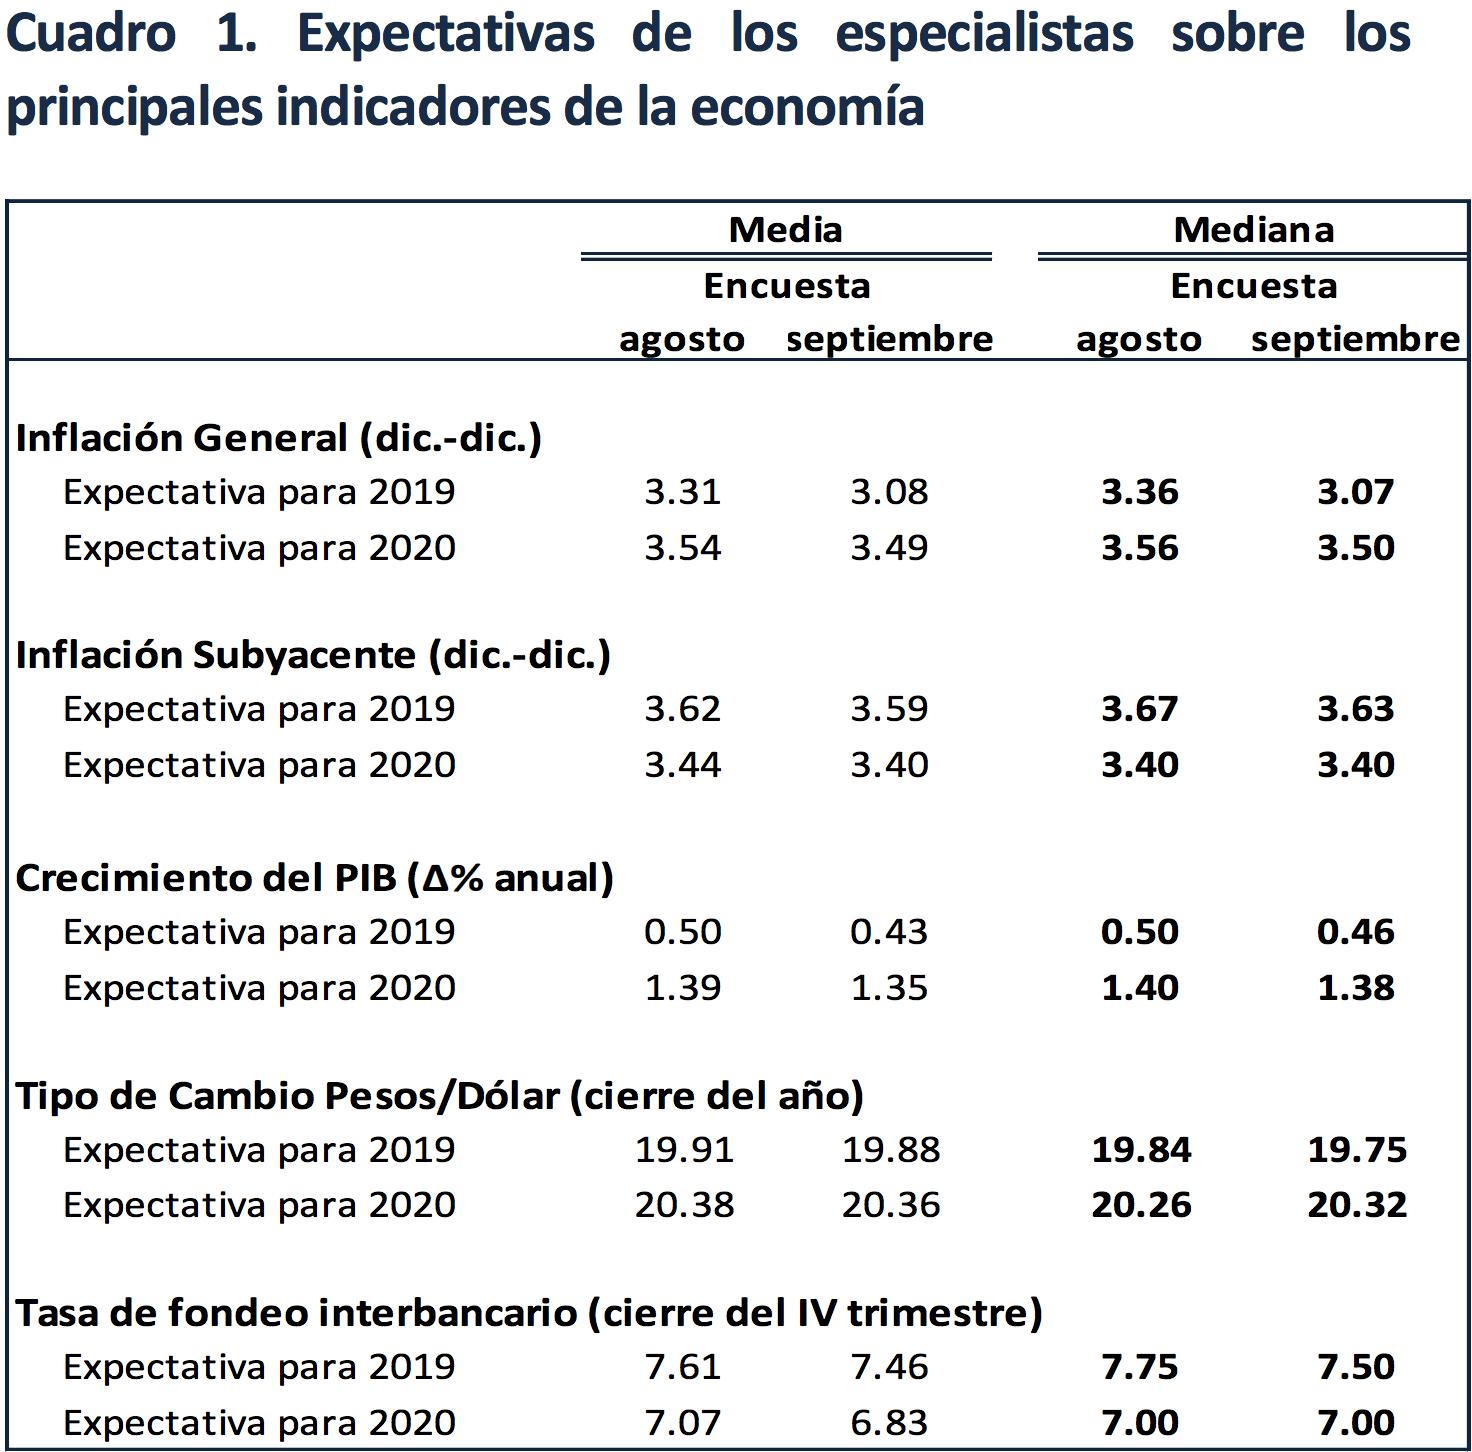 Cuadro de las expectativas de los especialistas sobre los principales indicadores de la economía. Datos de Banxico.